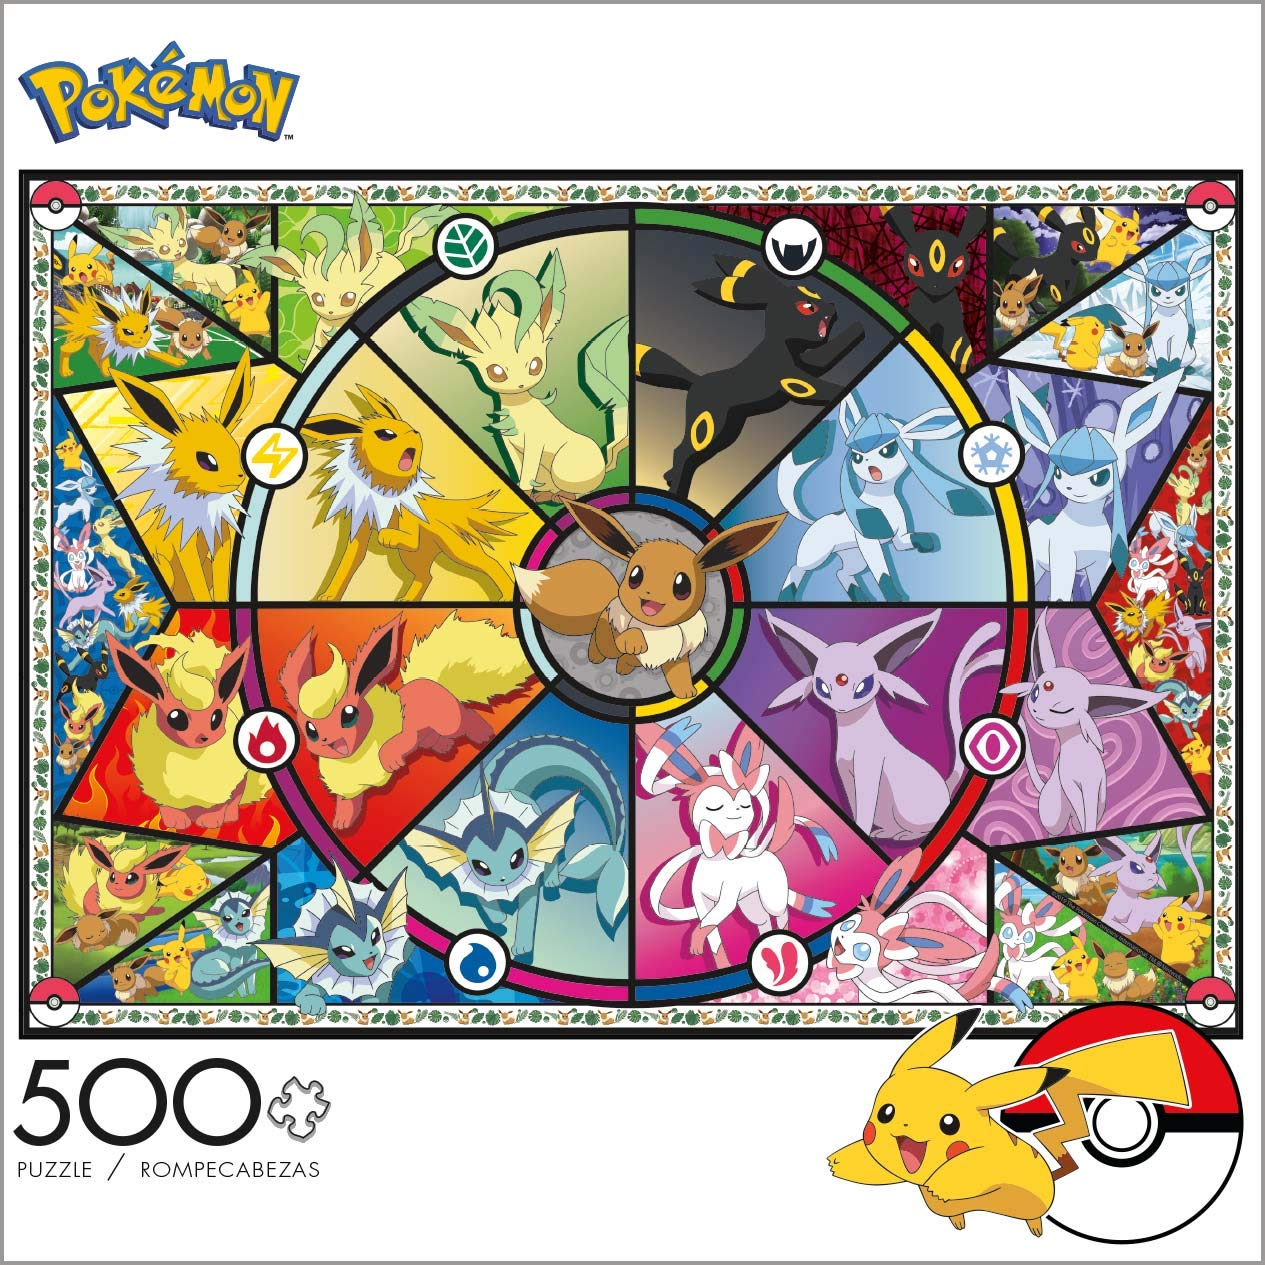 100 300 500 1000 2000pcs Pokemon Pikachu Plastic Paper Puzzle Action Figure Decoration Model Kids Toy Gift